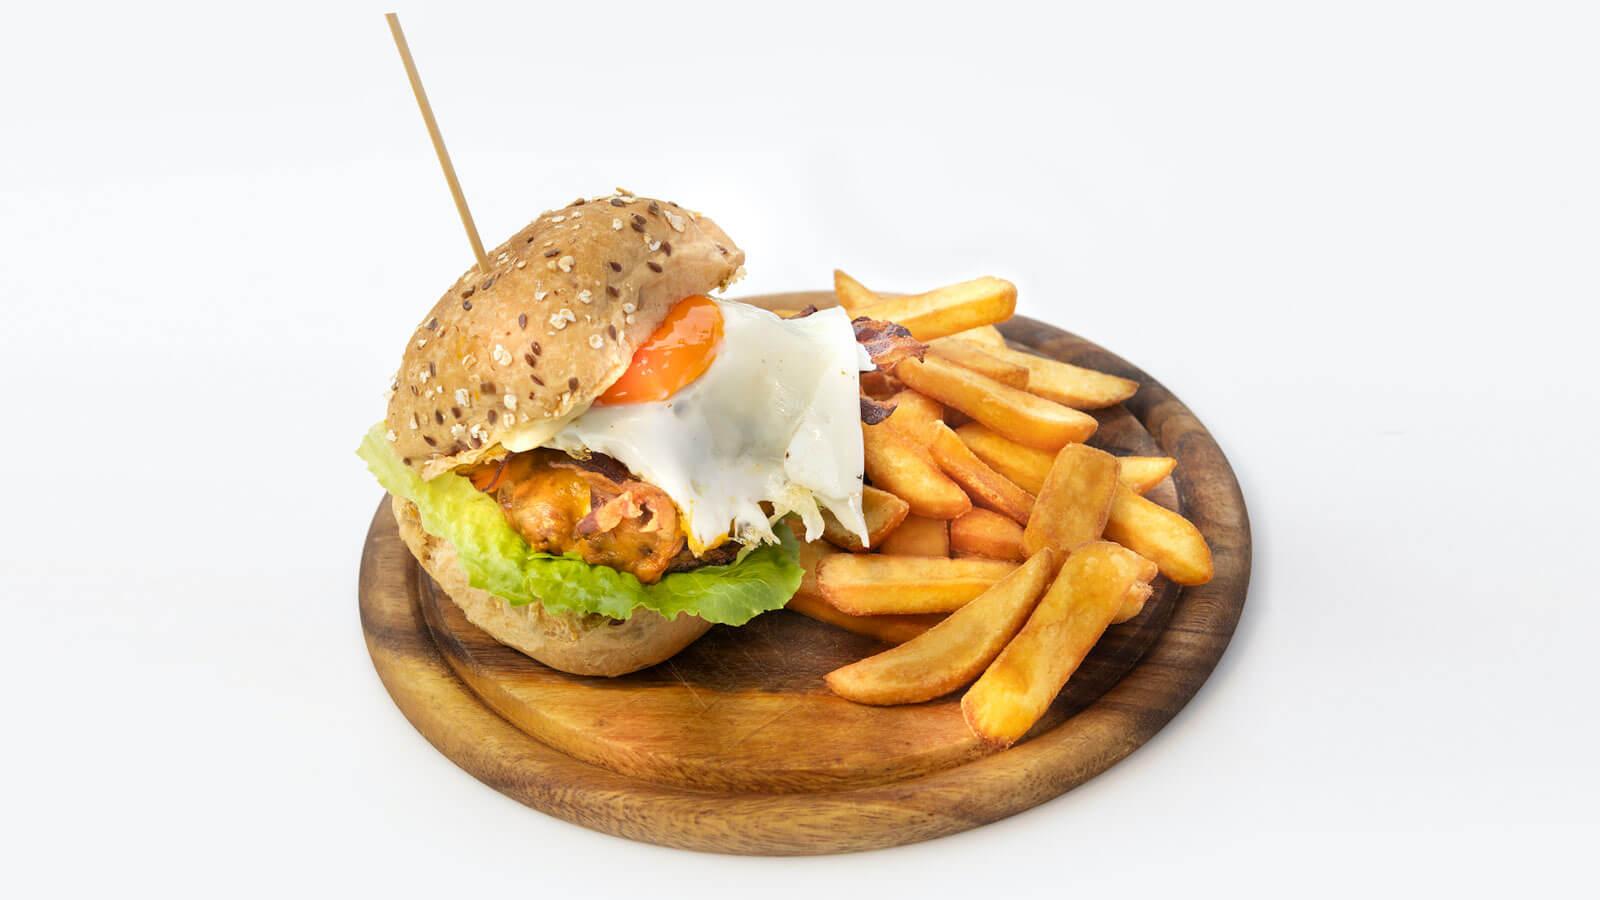 Burger di Carne con Cheddar, Uovo, Pomodoro e Lattuga